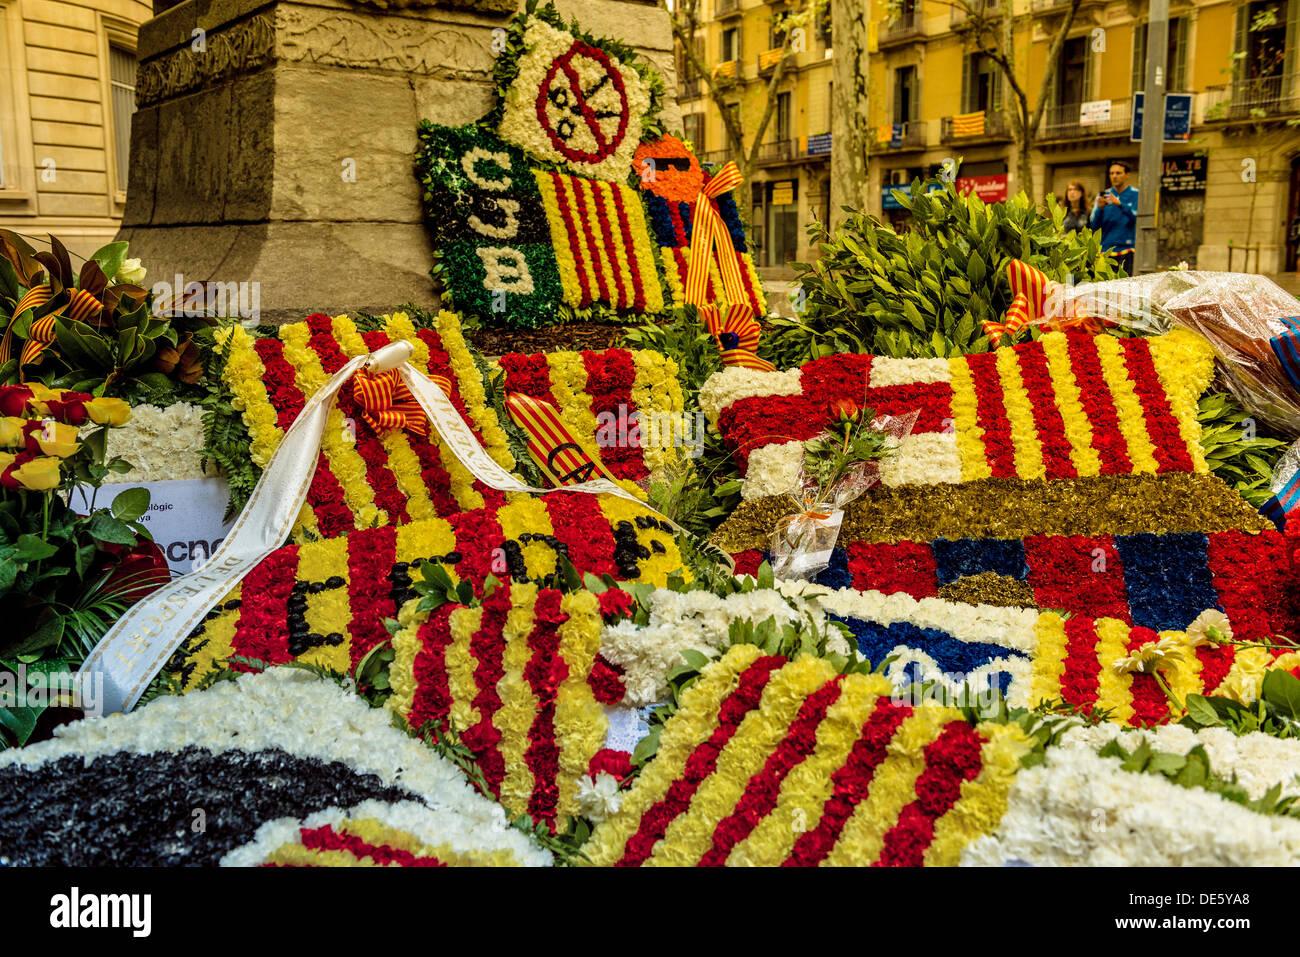 Barcelone, Espagne. 11 septembre 2013: l'un des actes traditionnels de la Journée nationale de la Catalogne est celle menée par les institutions catalanes, la plupart des forces politiques, et des représentants de programmes culturels, sociaux et les associations sportives de la Catalogne comme le FC Barcelone, qui présente des couronnes et décorations florales au pied du monument. © matthi/Alamy Live News Photo Stock